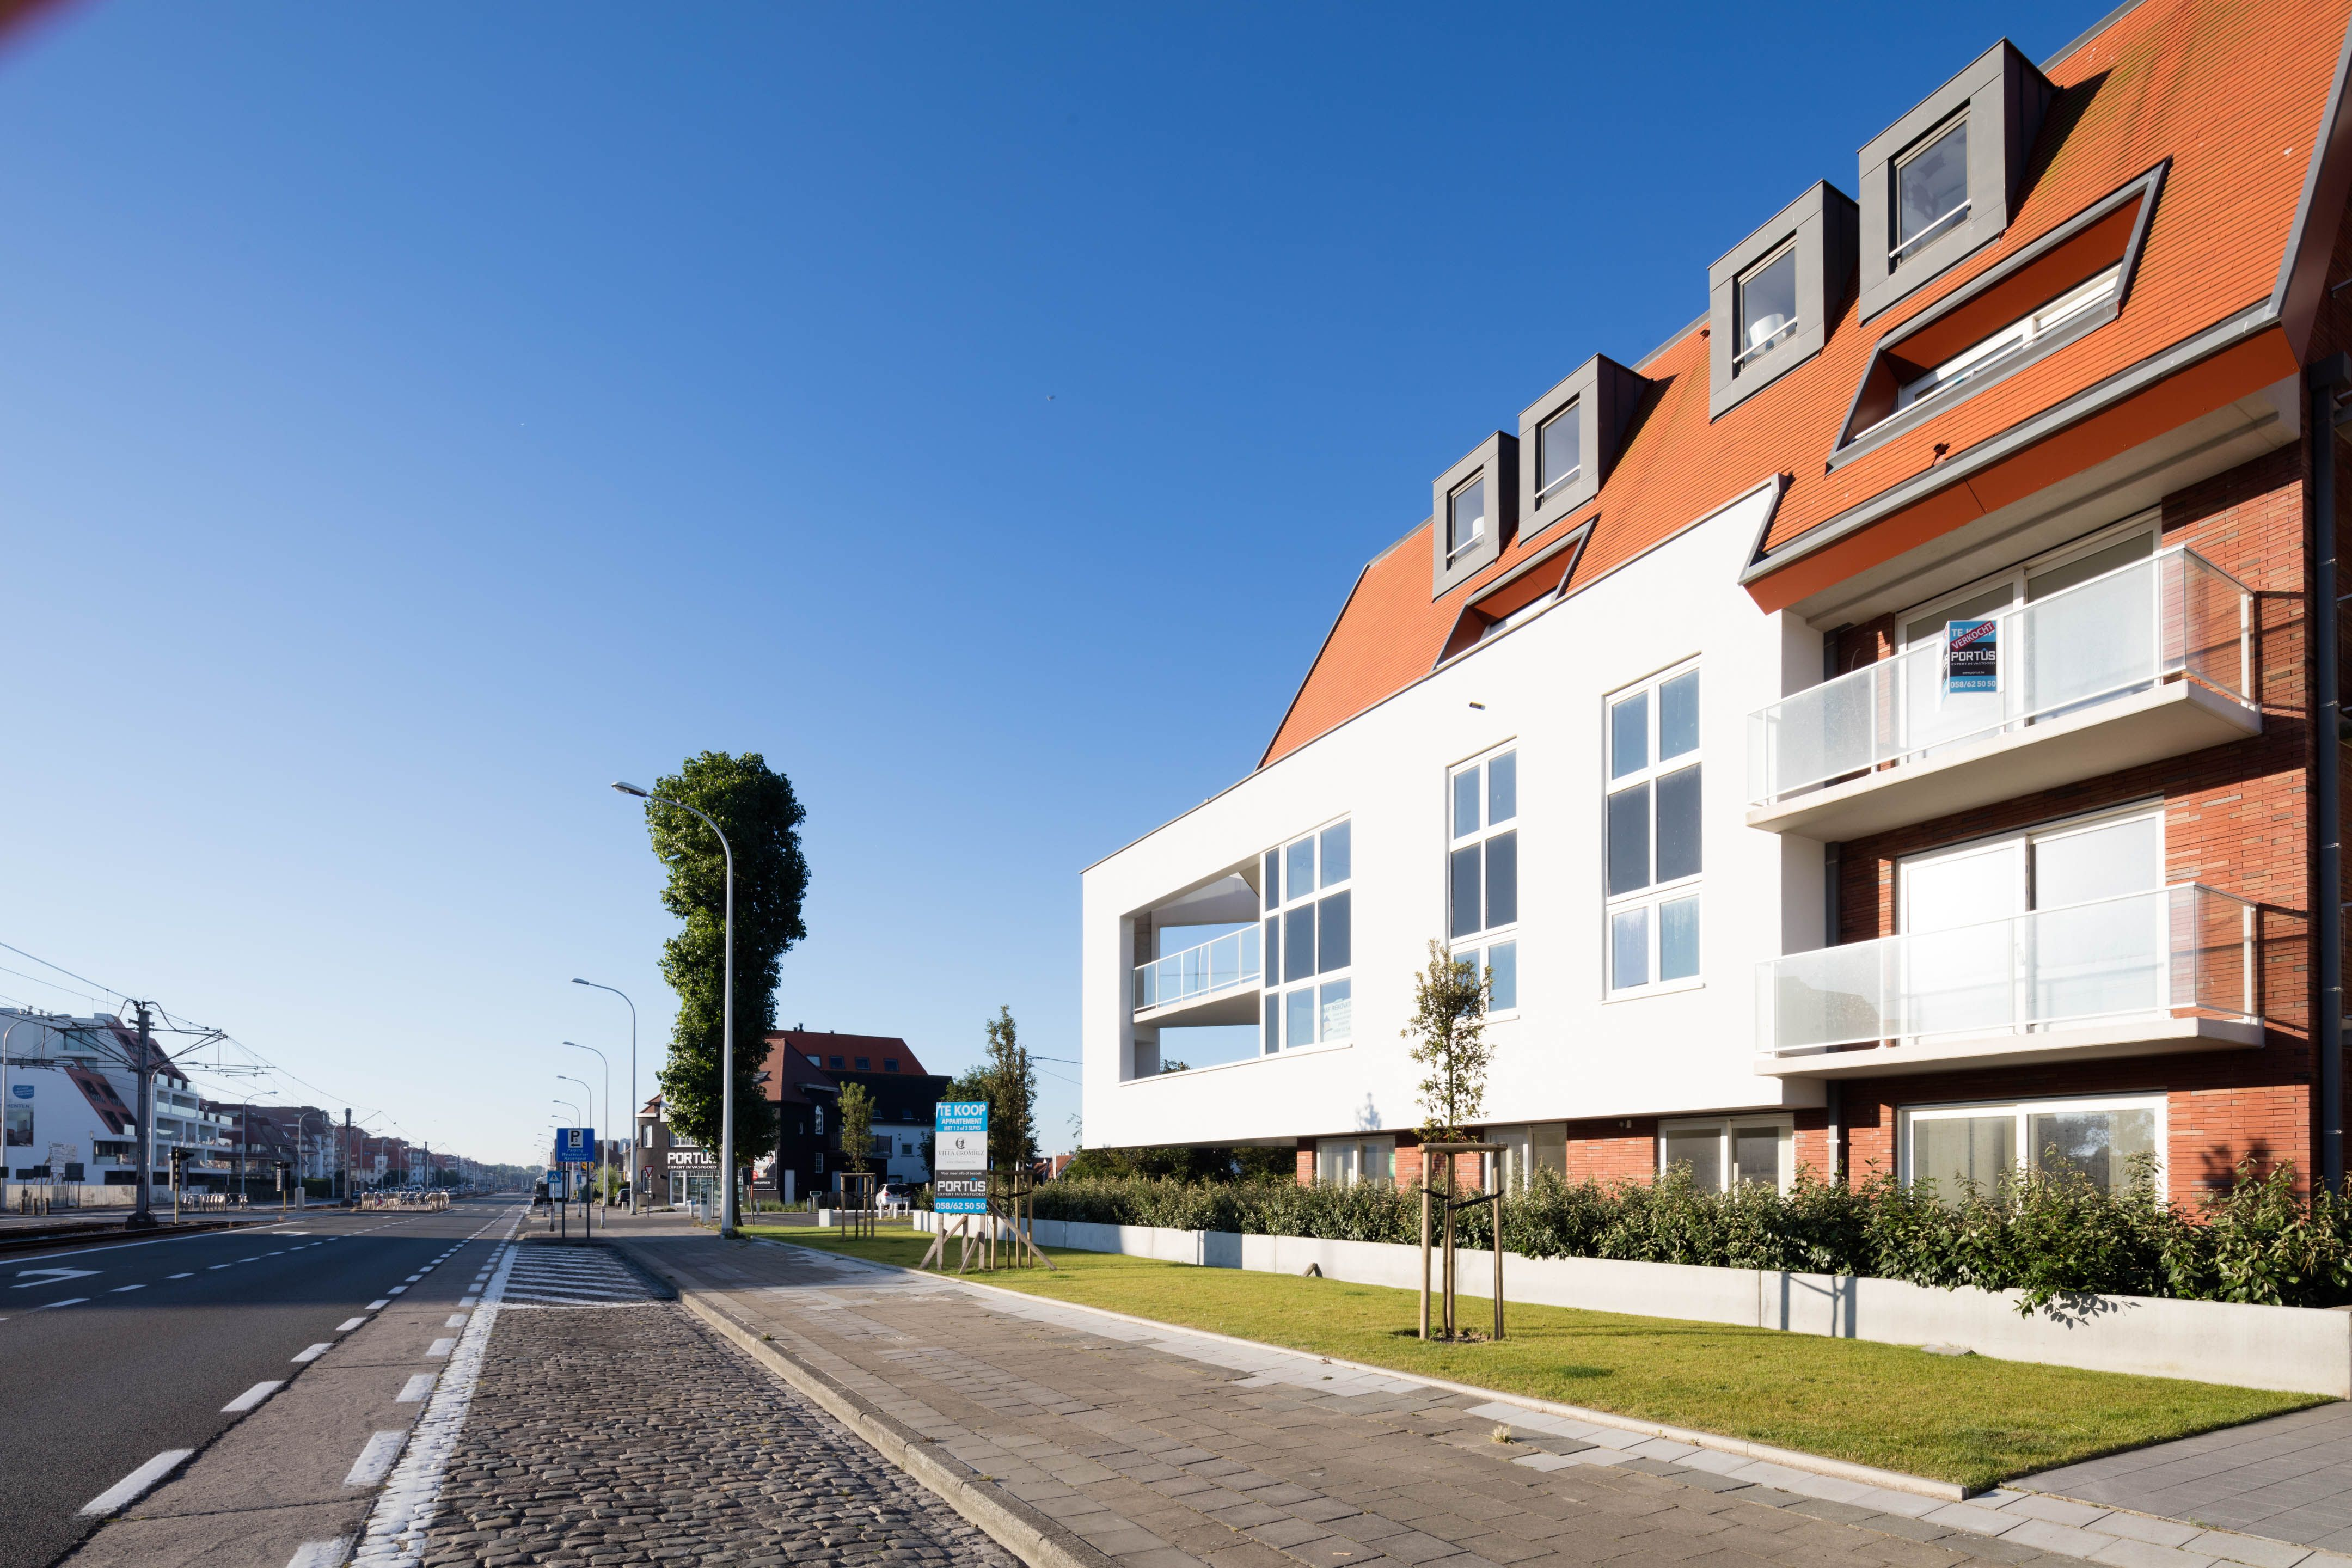 Appartement Residentie Villa Crombez Nieuwpoort - 9261